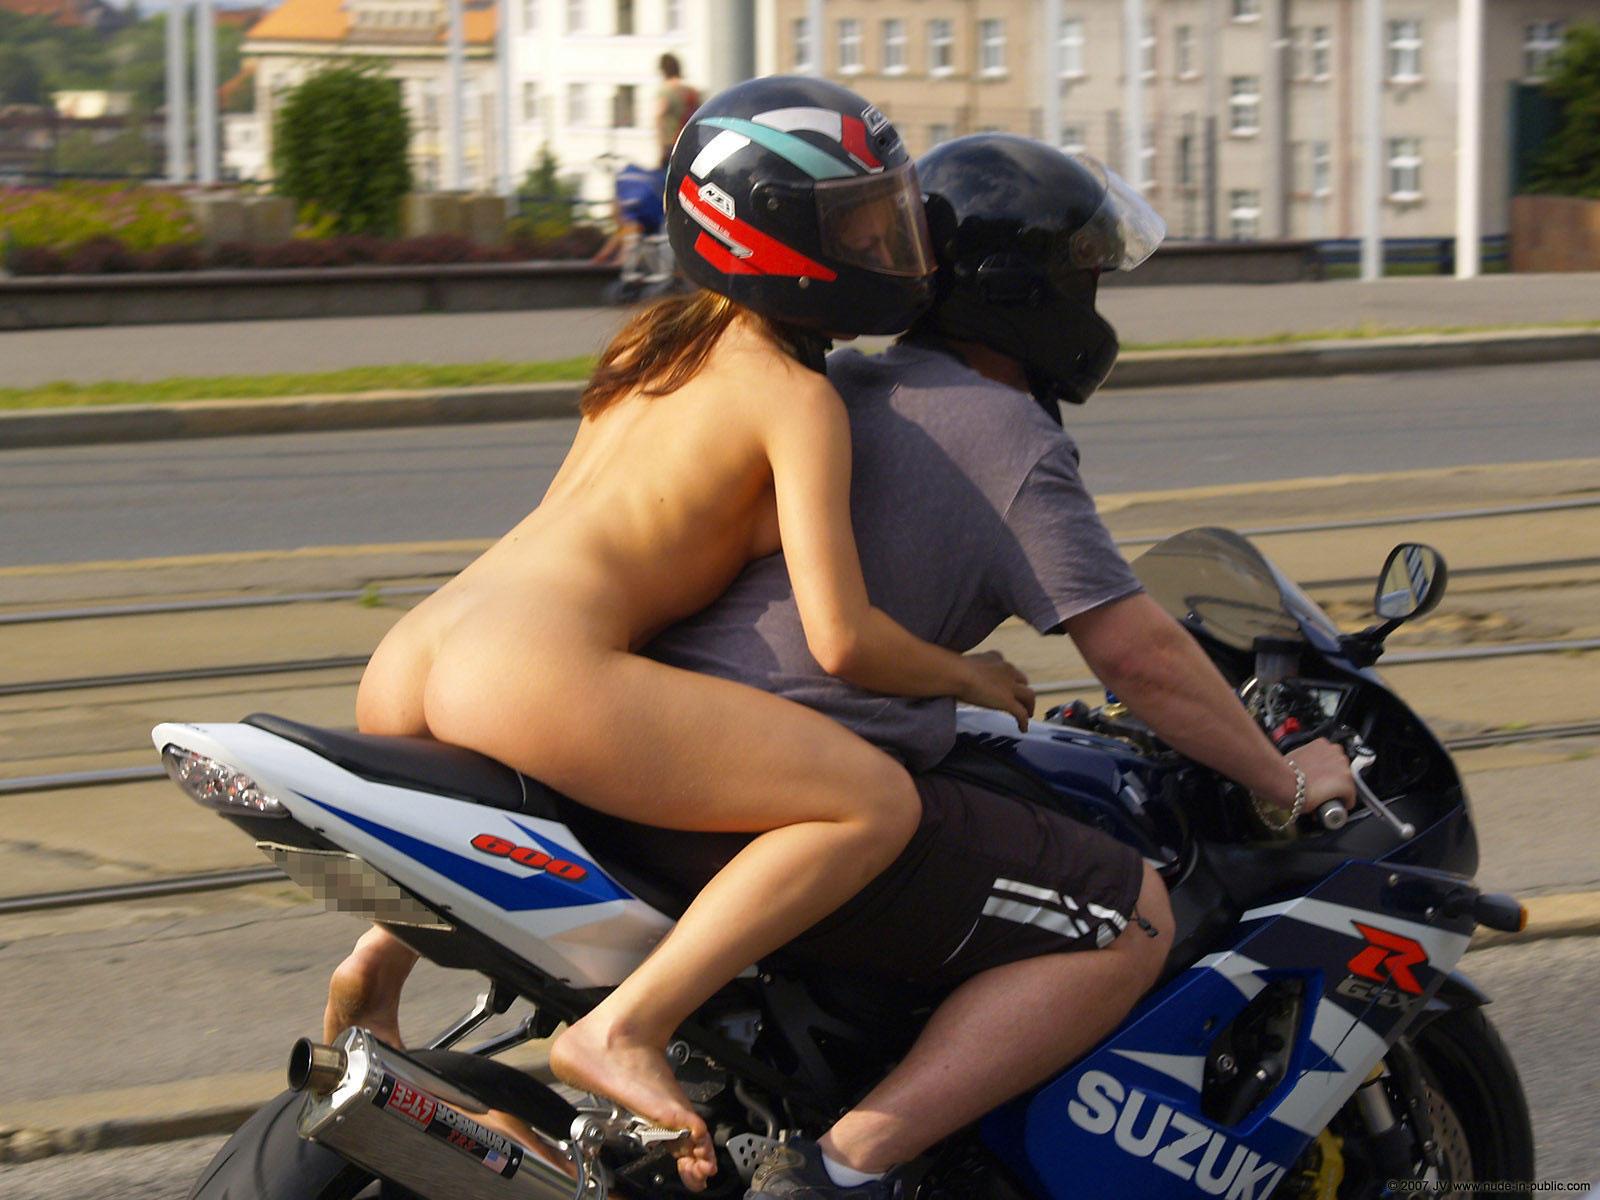 Русские девушки и мотоциклы 12 фотография